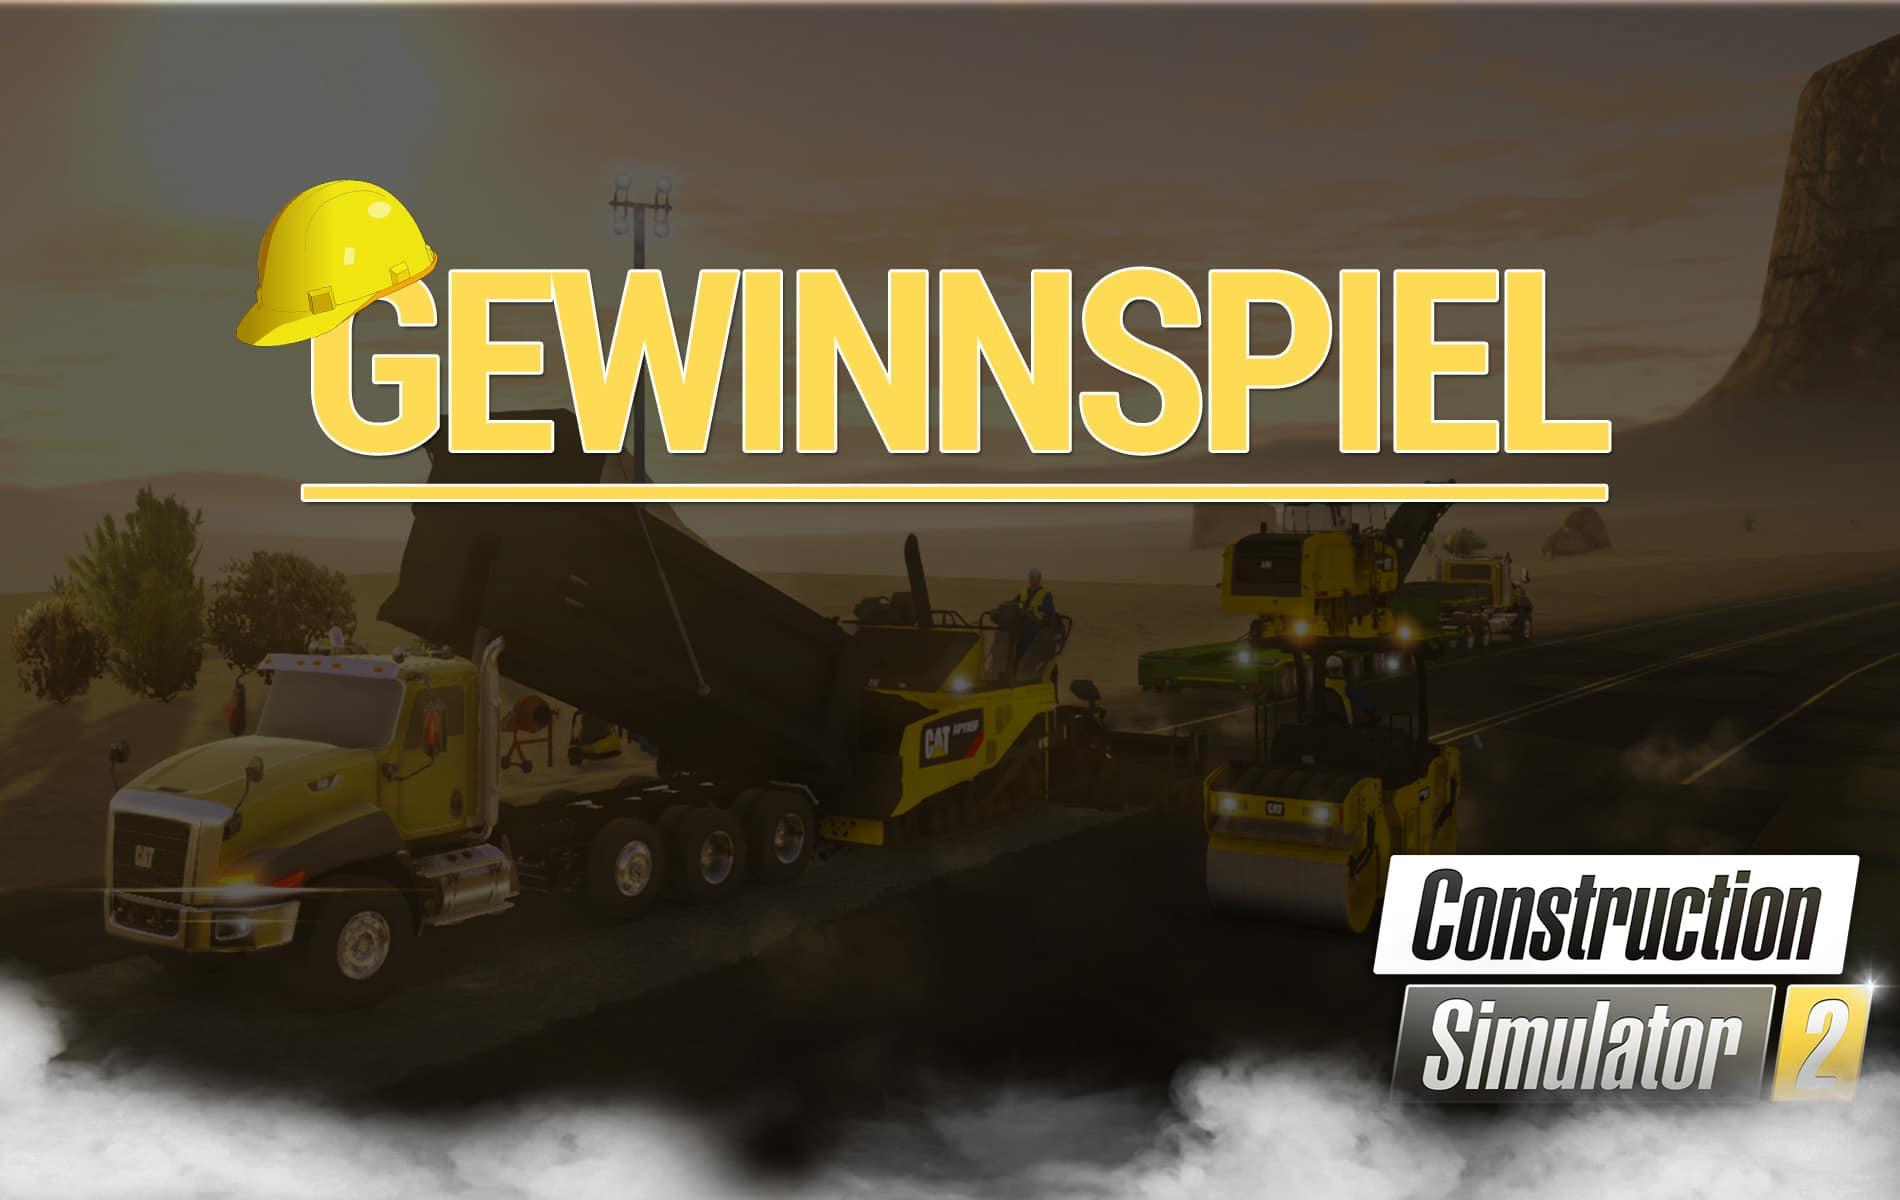 Gewinnspiel: Wir verlosen zwei Mal - Construction Simulator